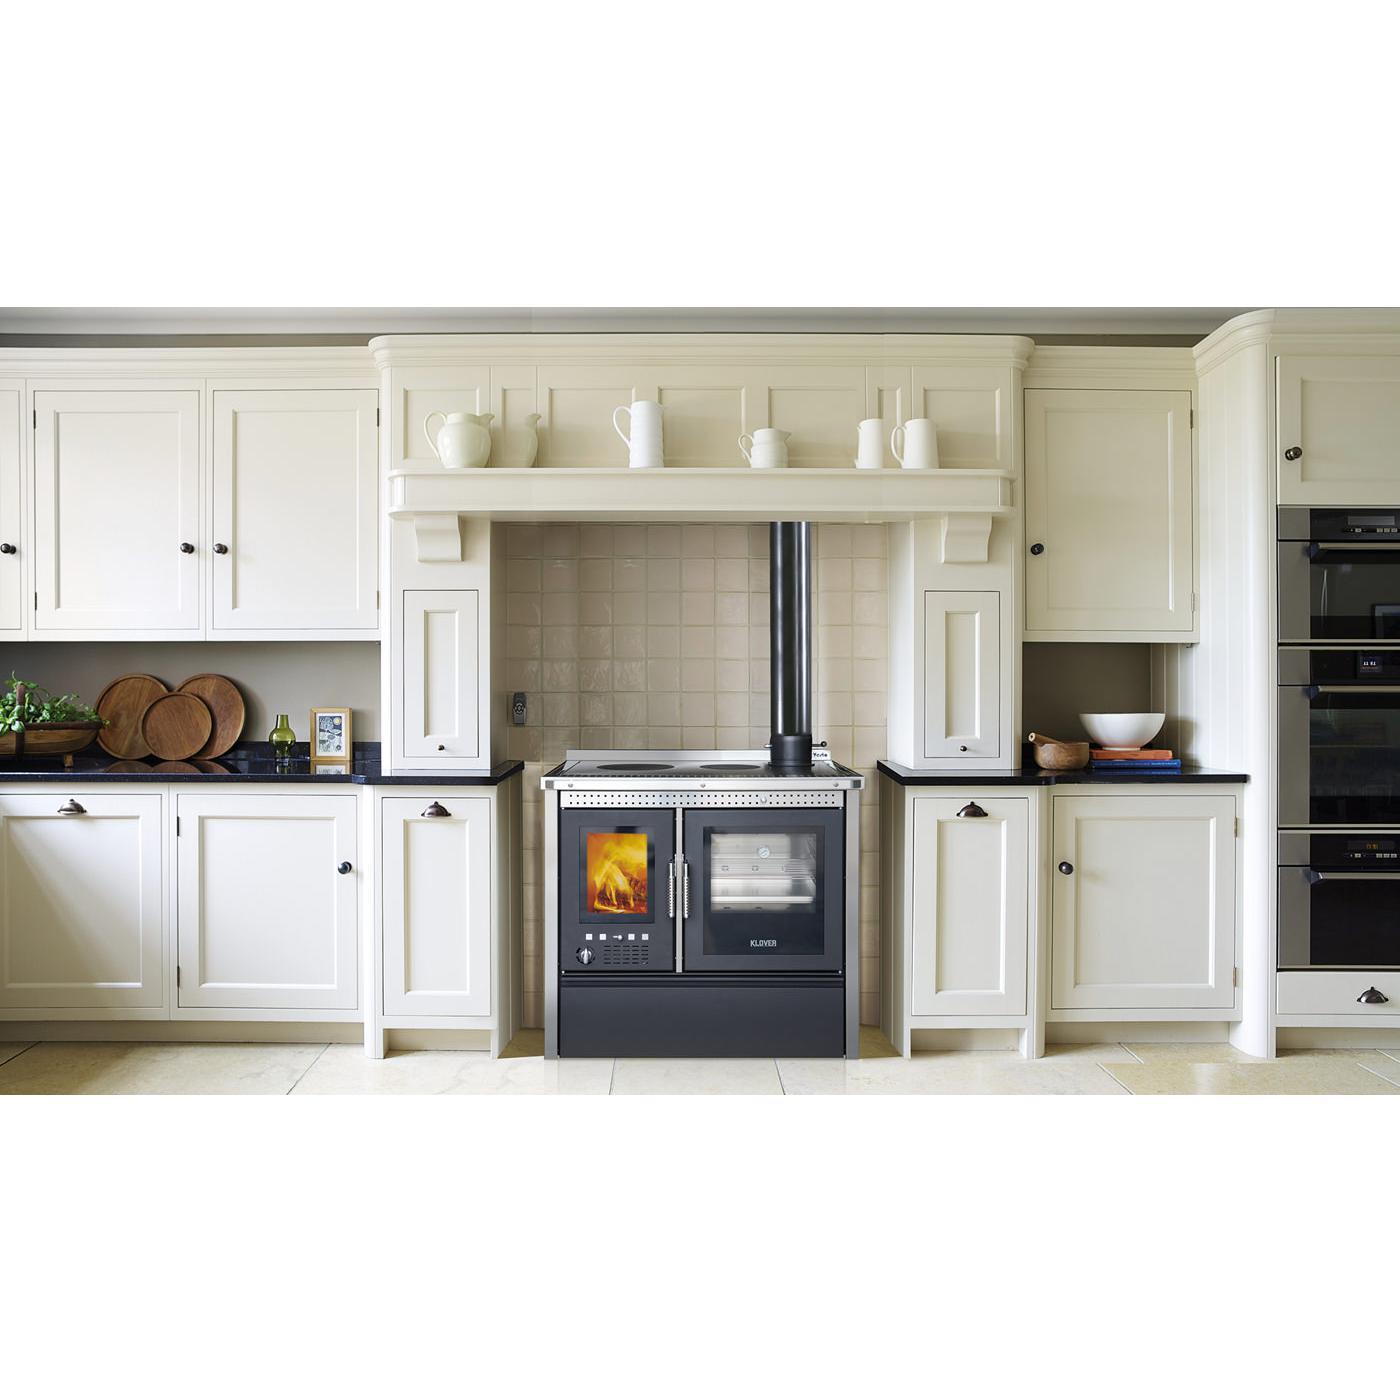 Cucina a Legna Klover VESTA INOX 13,8 kW